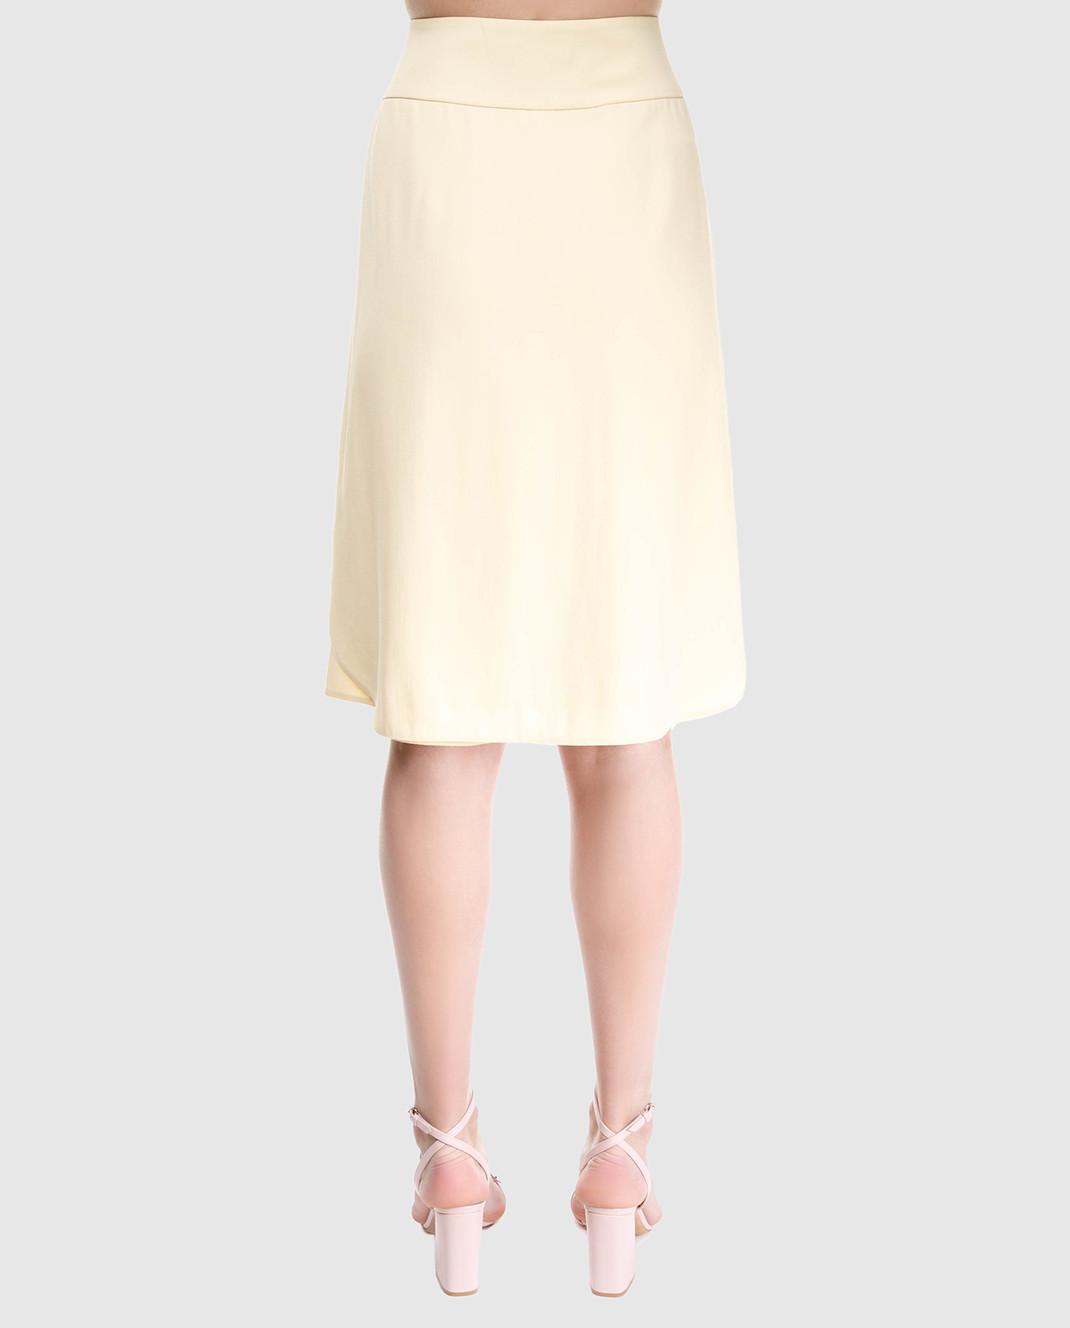 Prada Желтая юбка на запах изображение 4